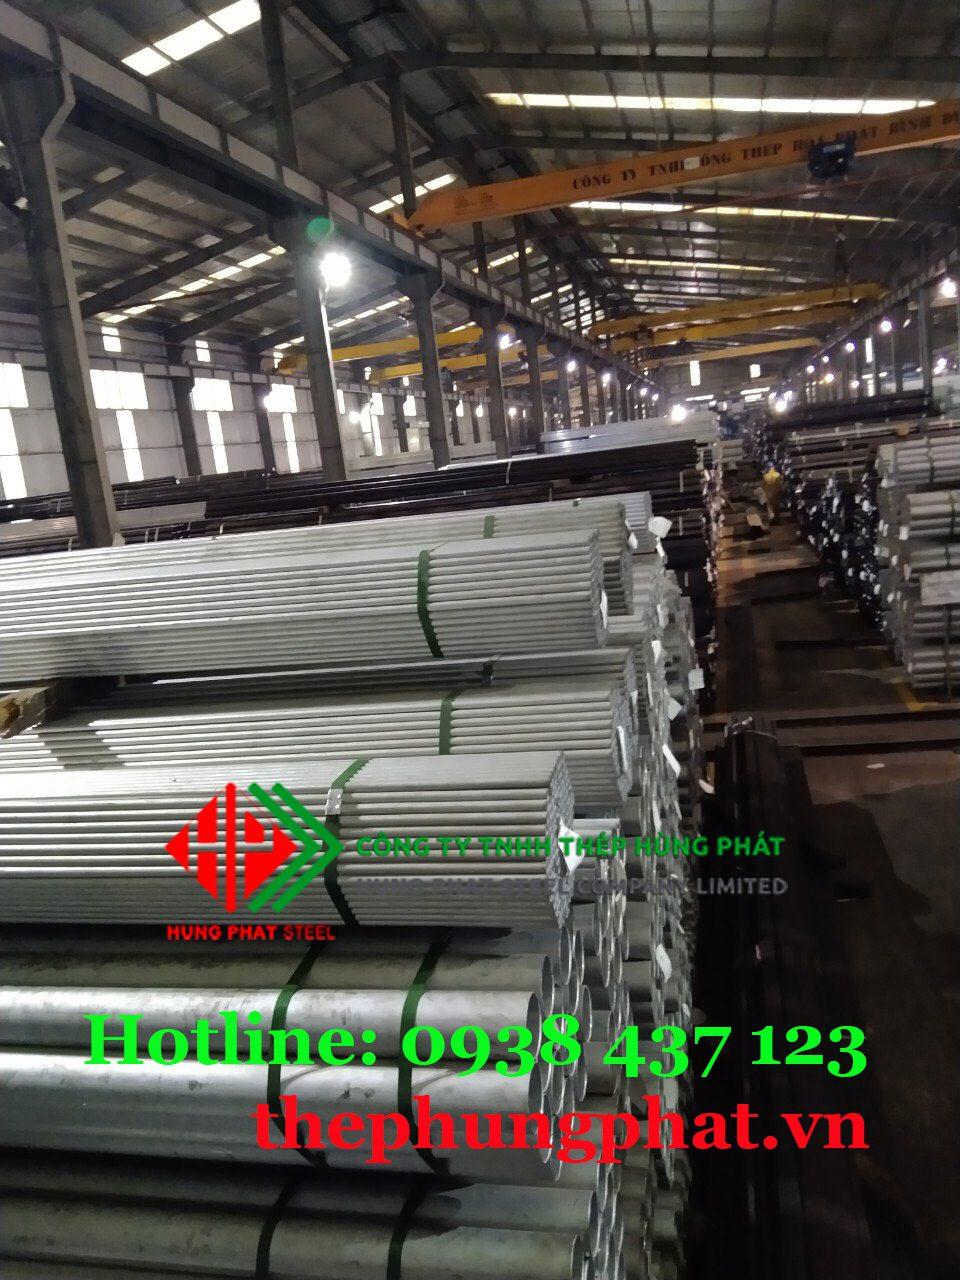 Báo giá thép ống mạ kẽm tại Long An